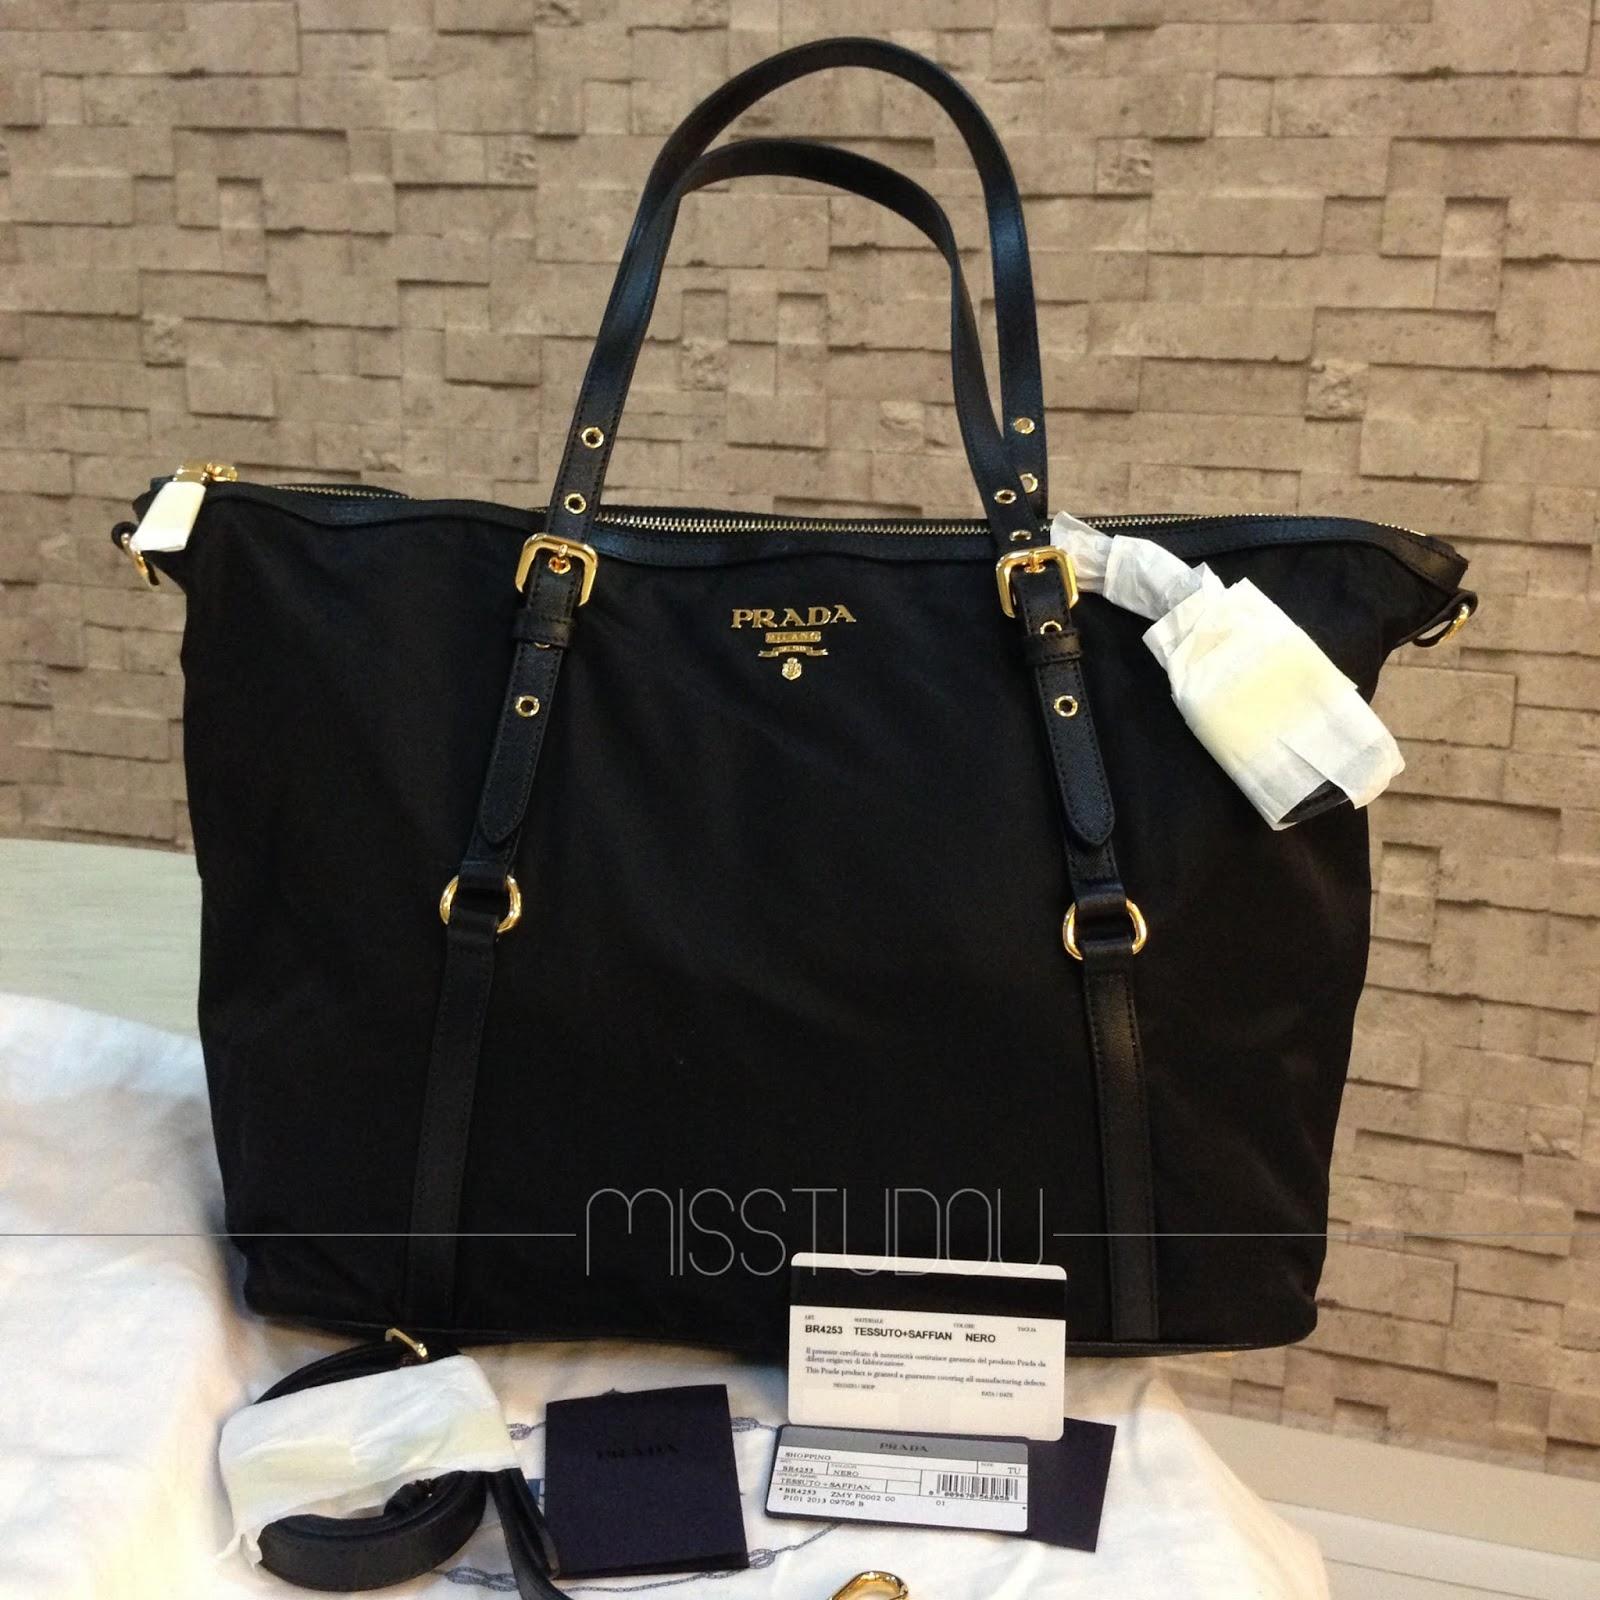 Prada Tessuto Nylon Tote Bag Handbags Popular